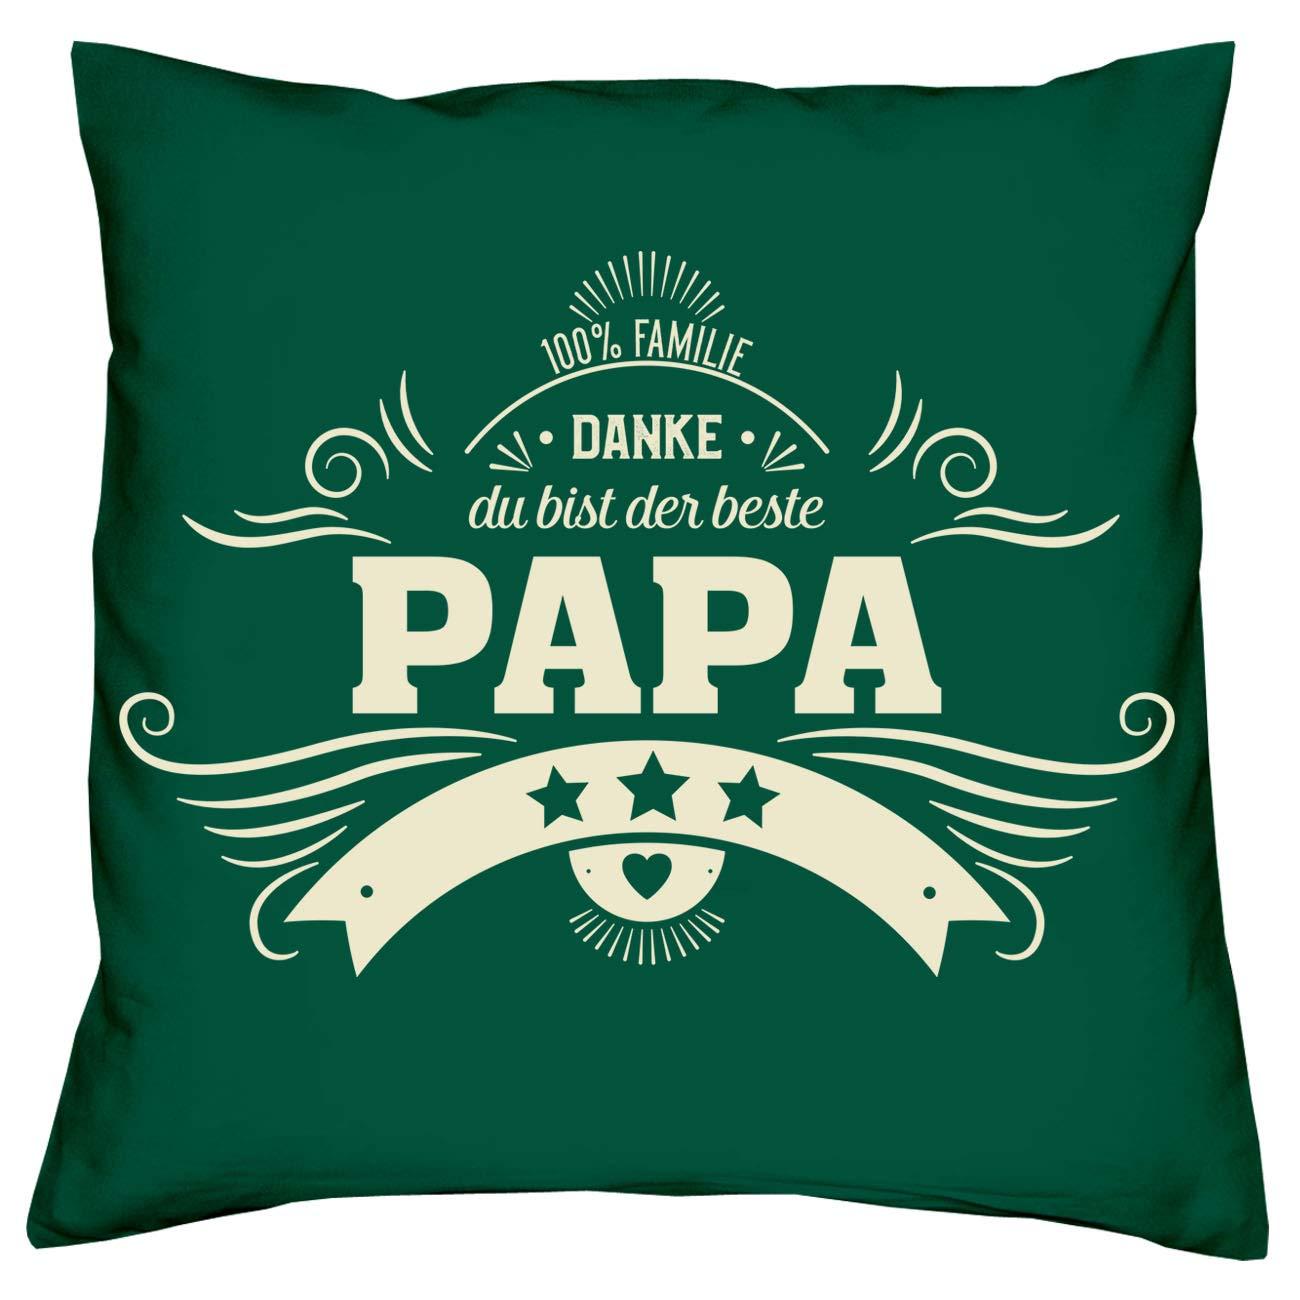 Soreso Design Geschenk Set für Eltern zu Weihnachten 2 Kissen Kissen Kissen + 2 Urkunden für Mama & Papa B07JYRJ4QD Zierkissen f8c7b9